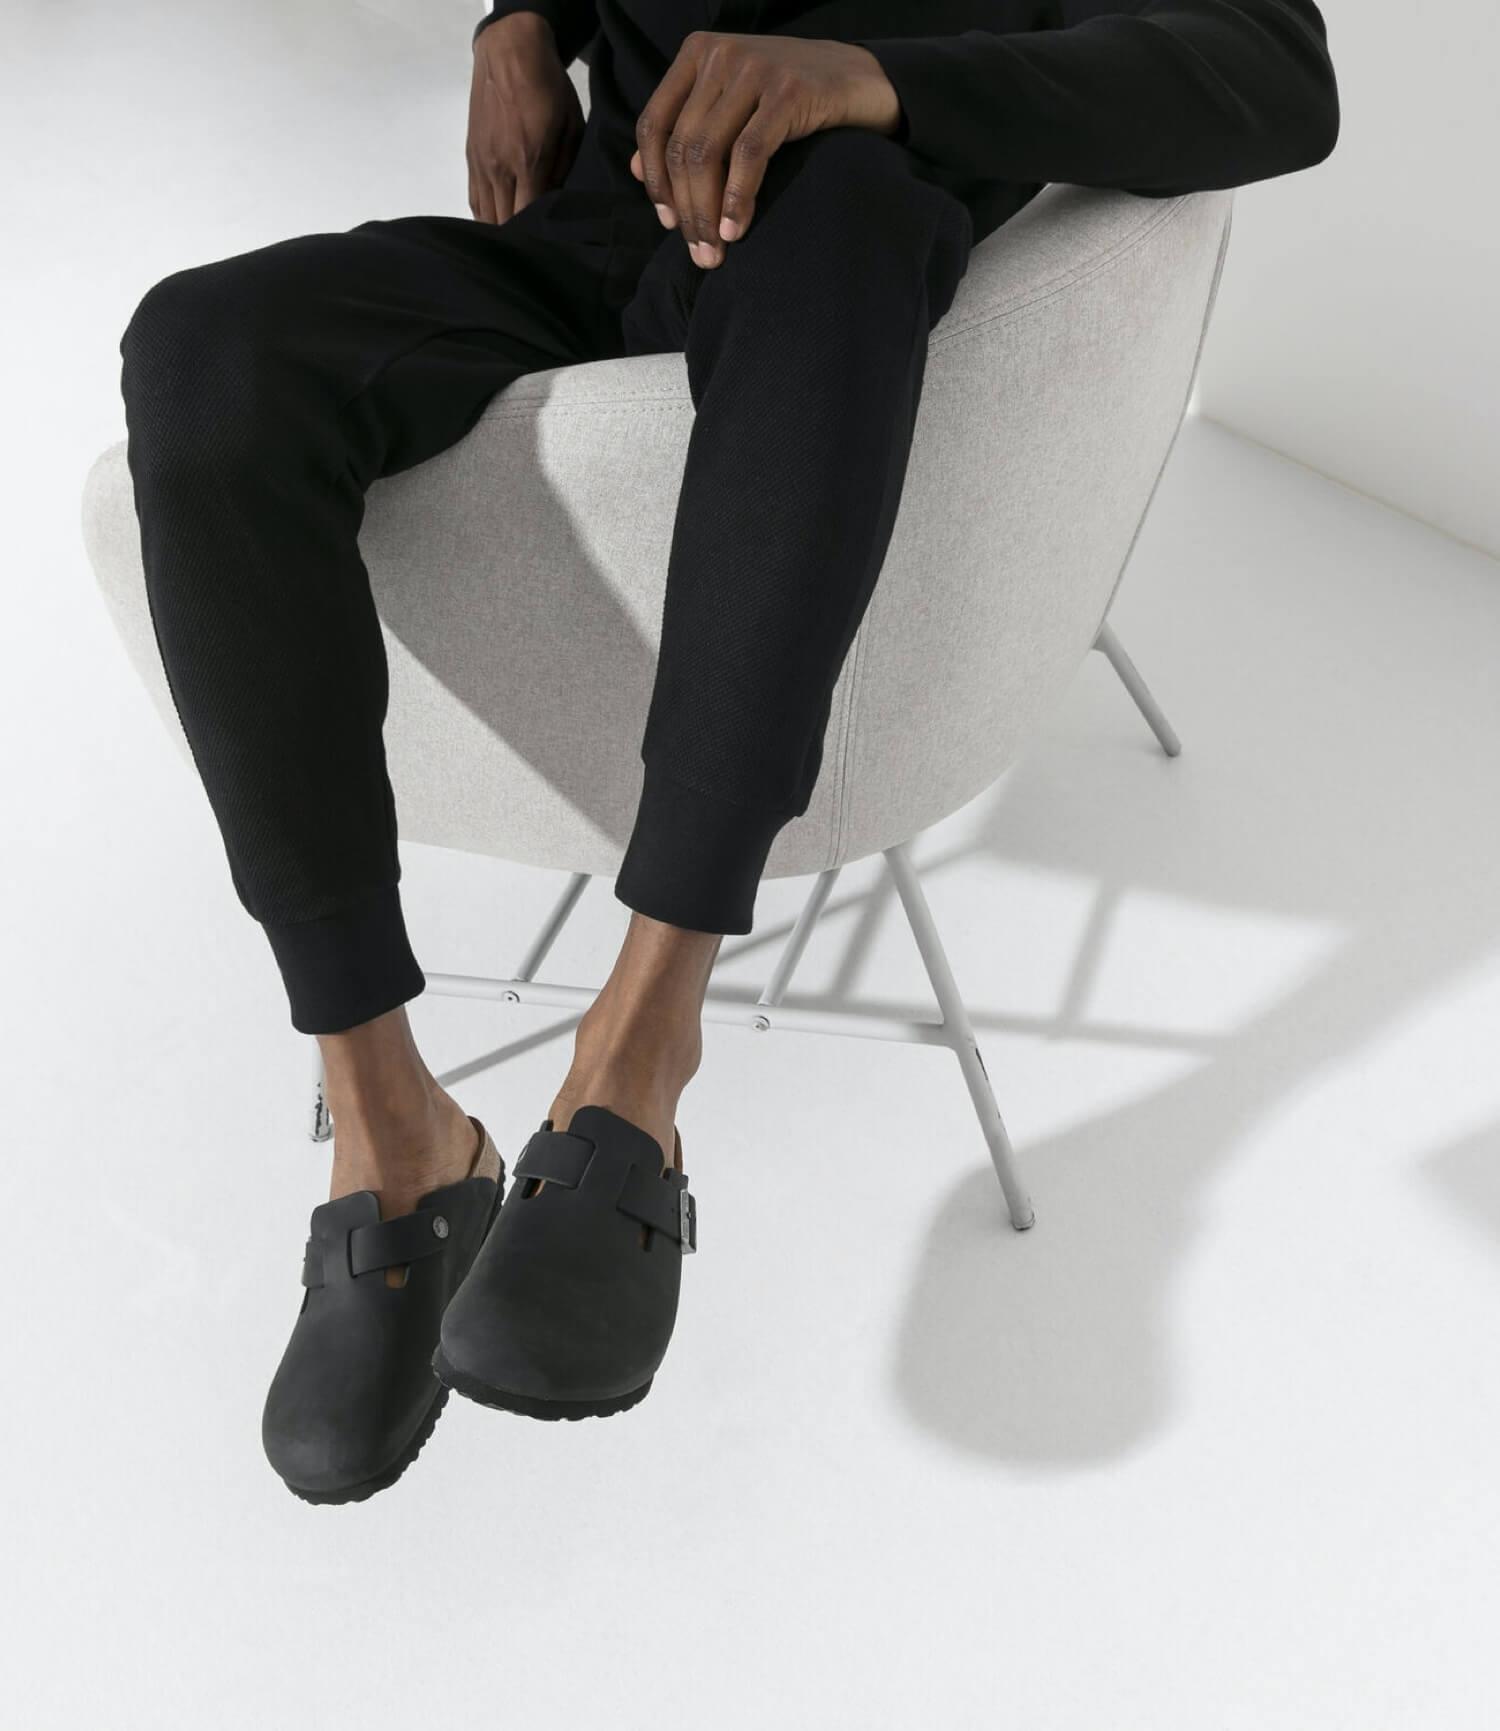 Birkenstock men's house shoes